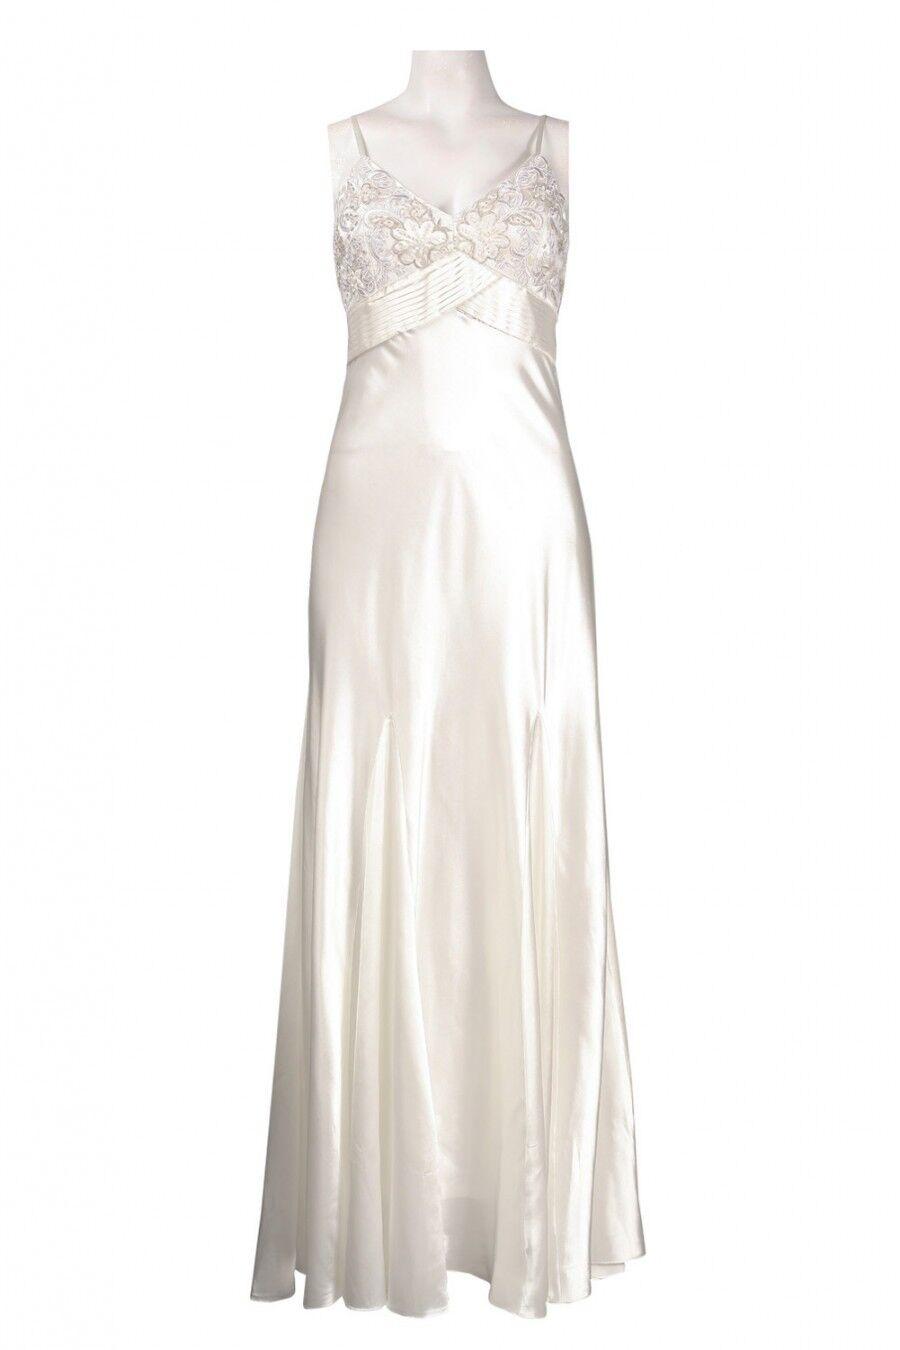 Sue Wong D1123 Ivory Empire Waist Soutache Detail Satin Gown Size 12 NWT